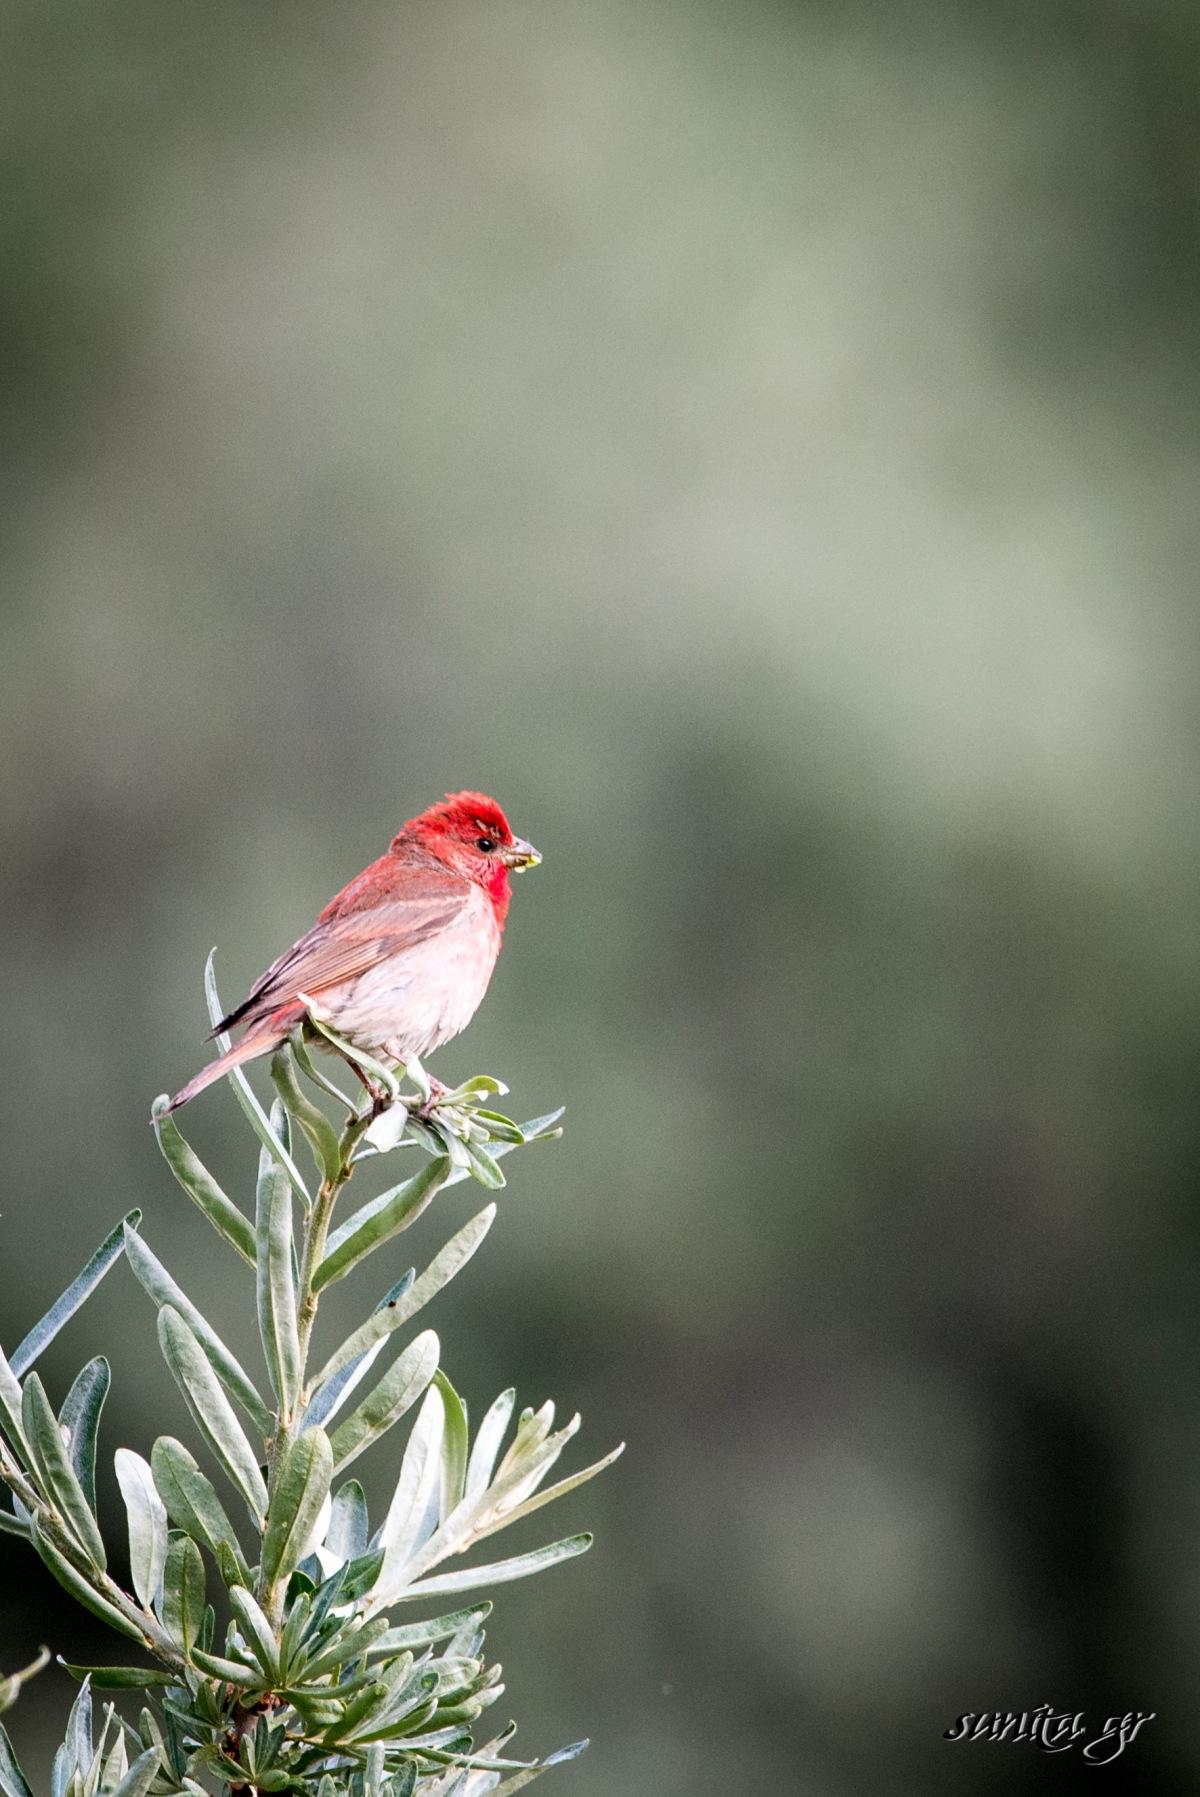 #birds, #bird, #kaza, #photography, #birding, #travel, #travelphotography, #birdphotography, #himalayas, #himachal, #roadtrip, #spitivalley